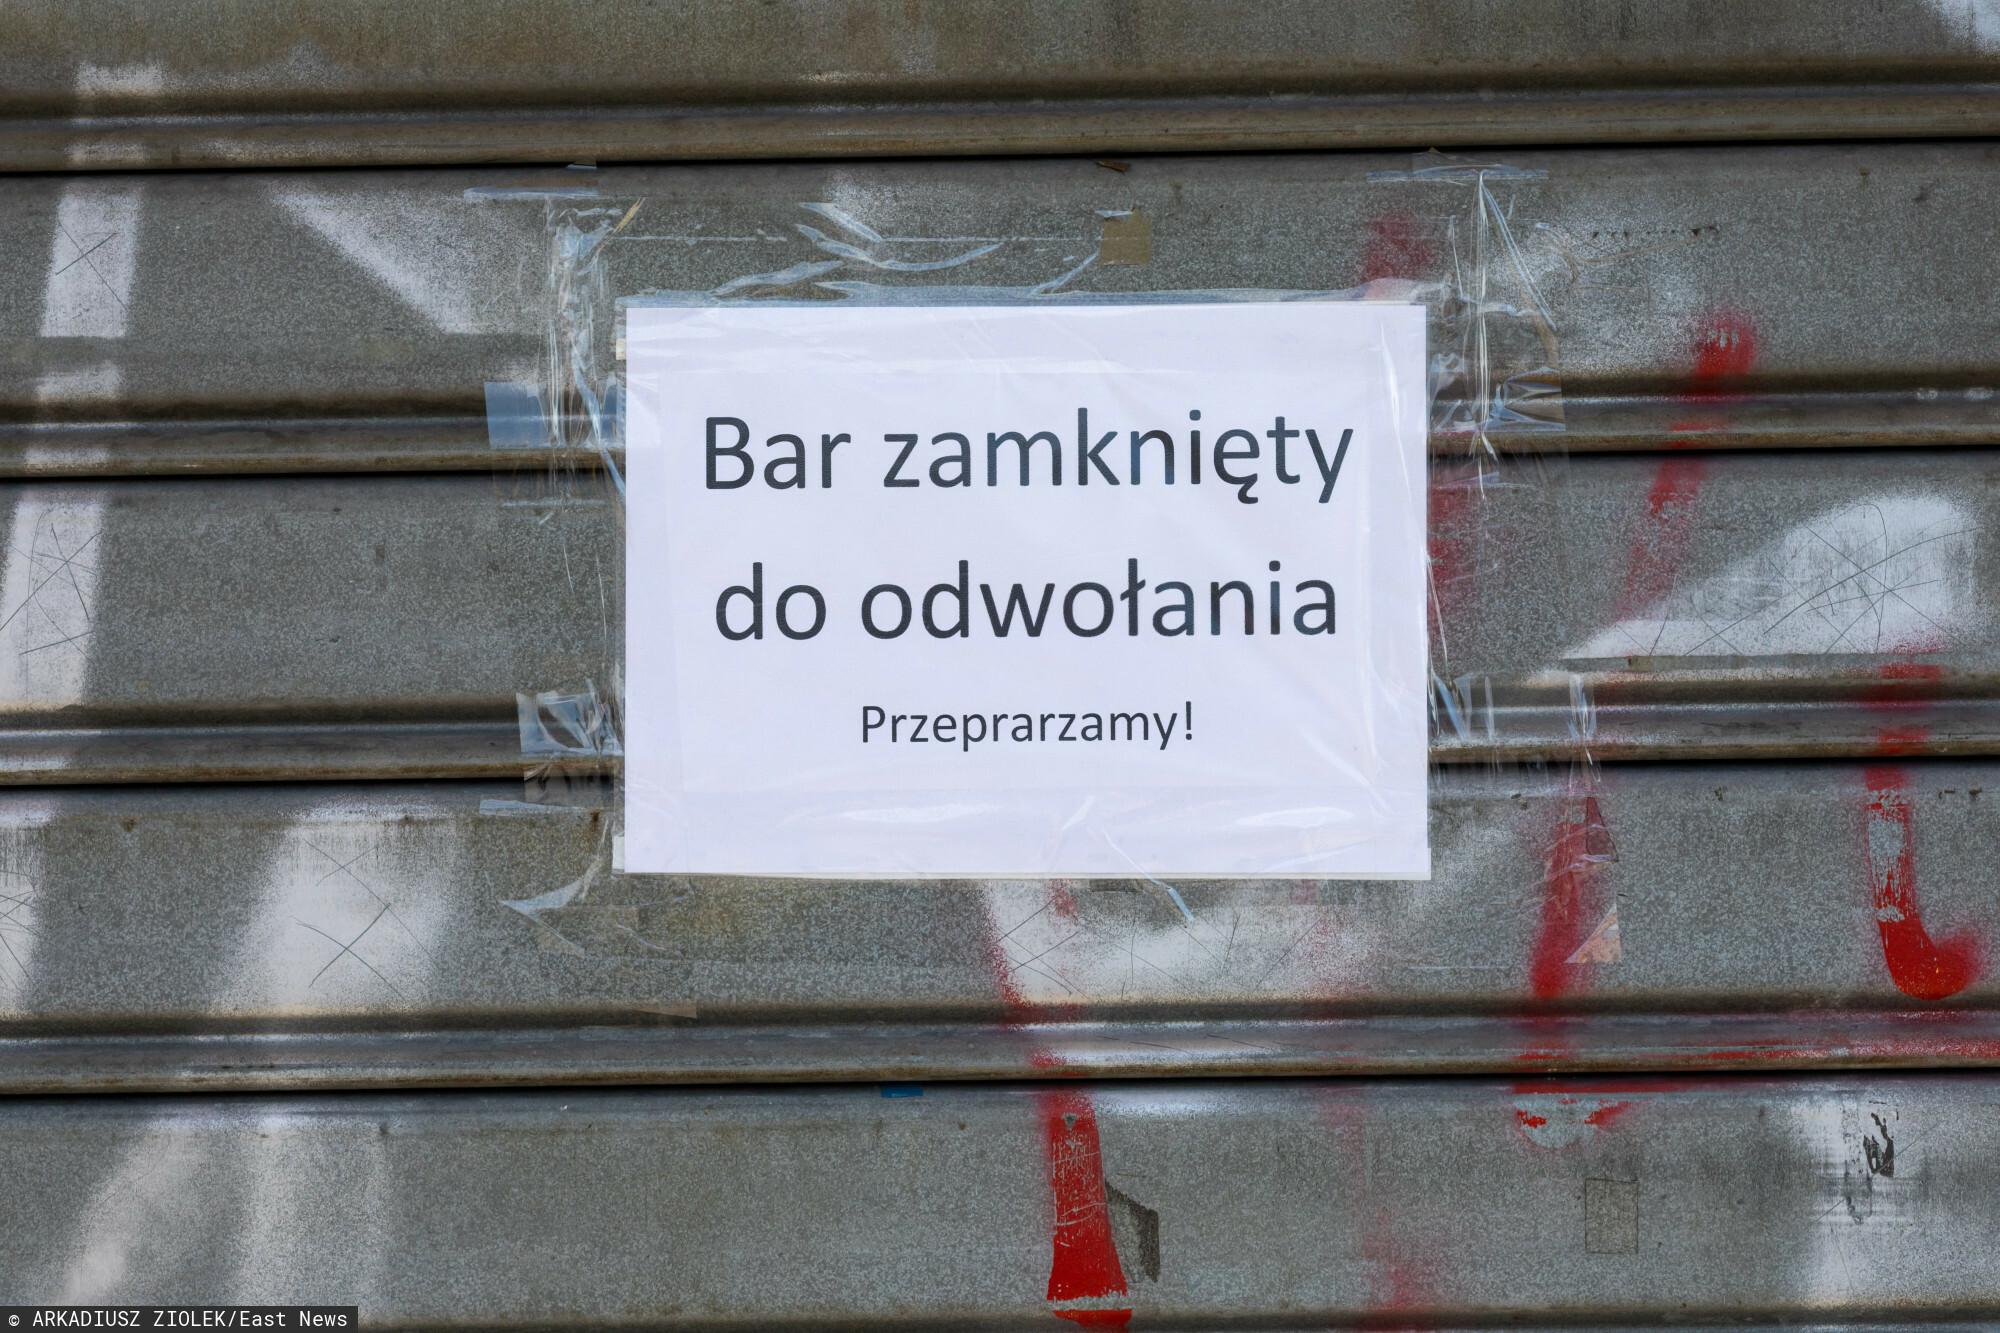 luzowanie obostrzeń fot: Arkadiusz Ziolek/ East News.